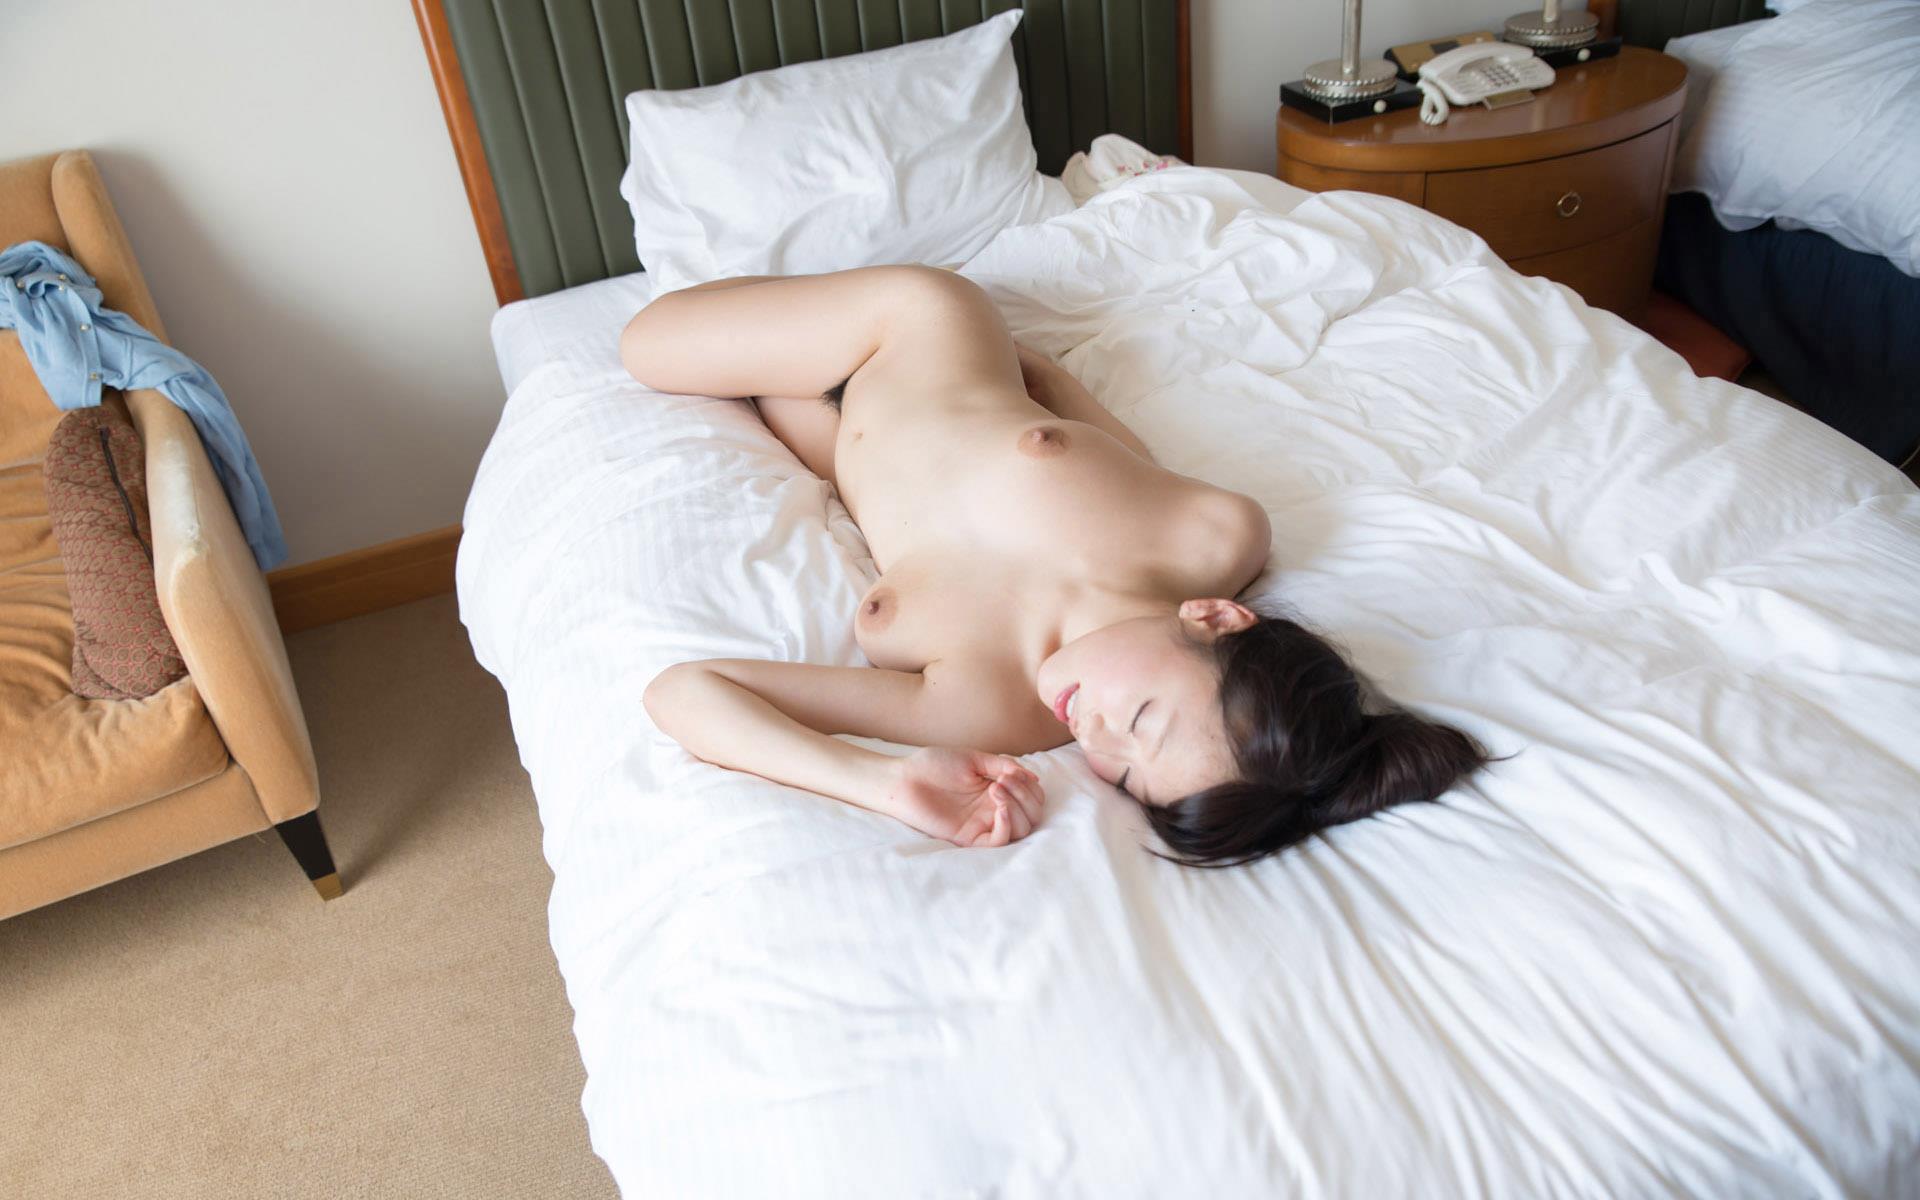 浜崎真緒(はまさきまお) ロリ顔ポニーテール、色白柔らかそうなおっぱいに包まれるセックスAV女優画像 143枚 No.118